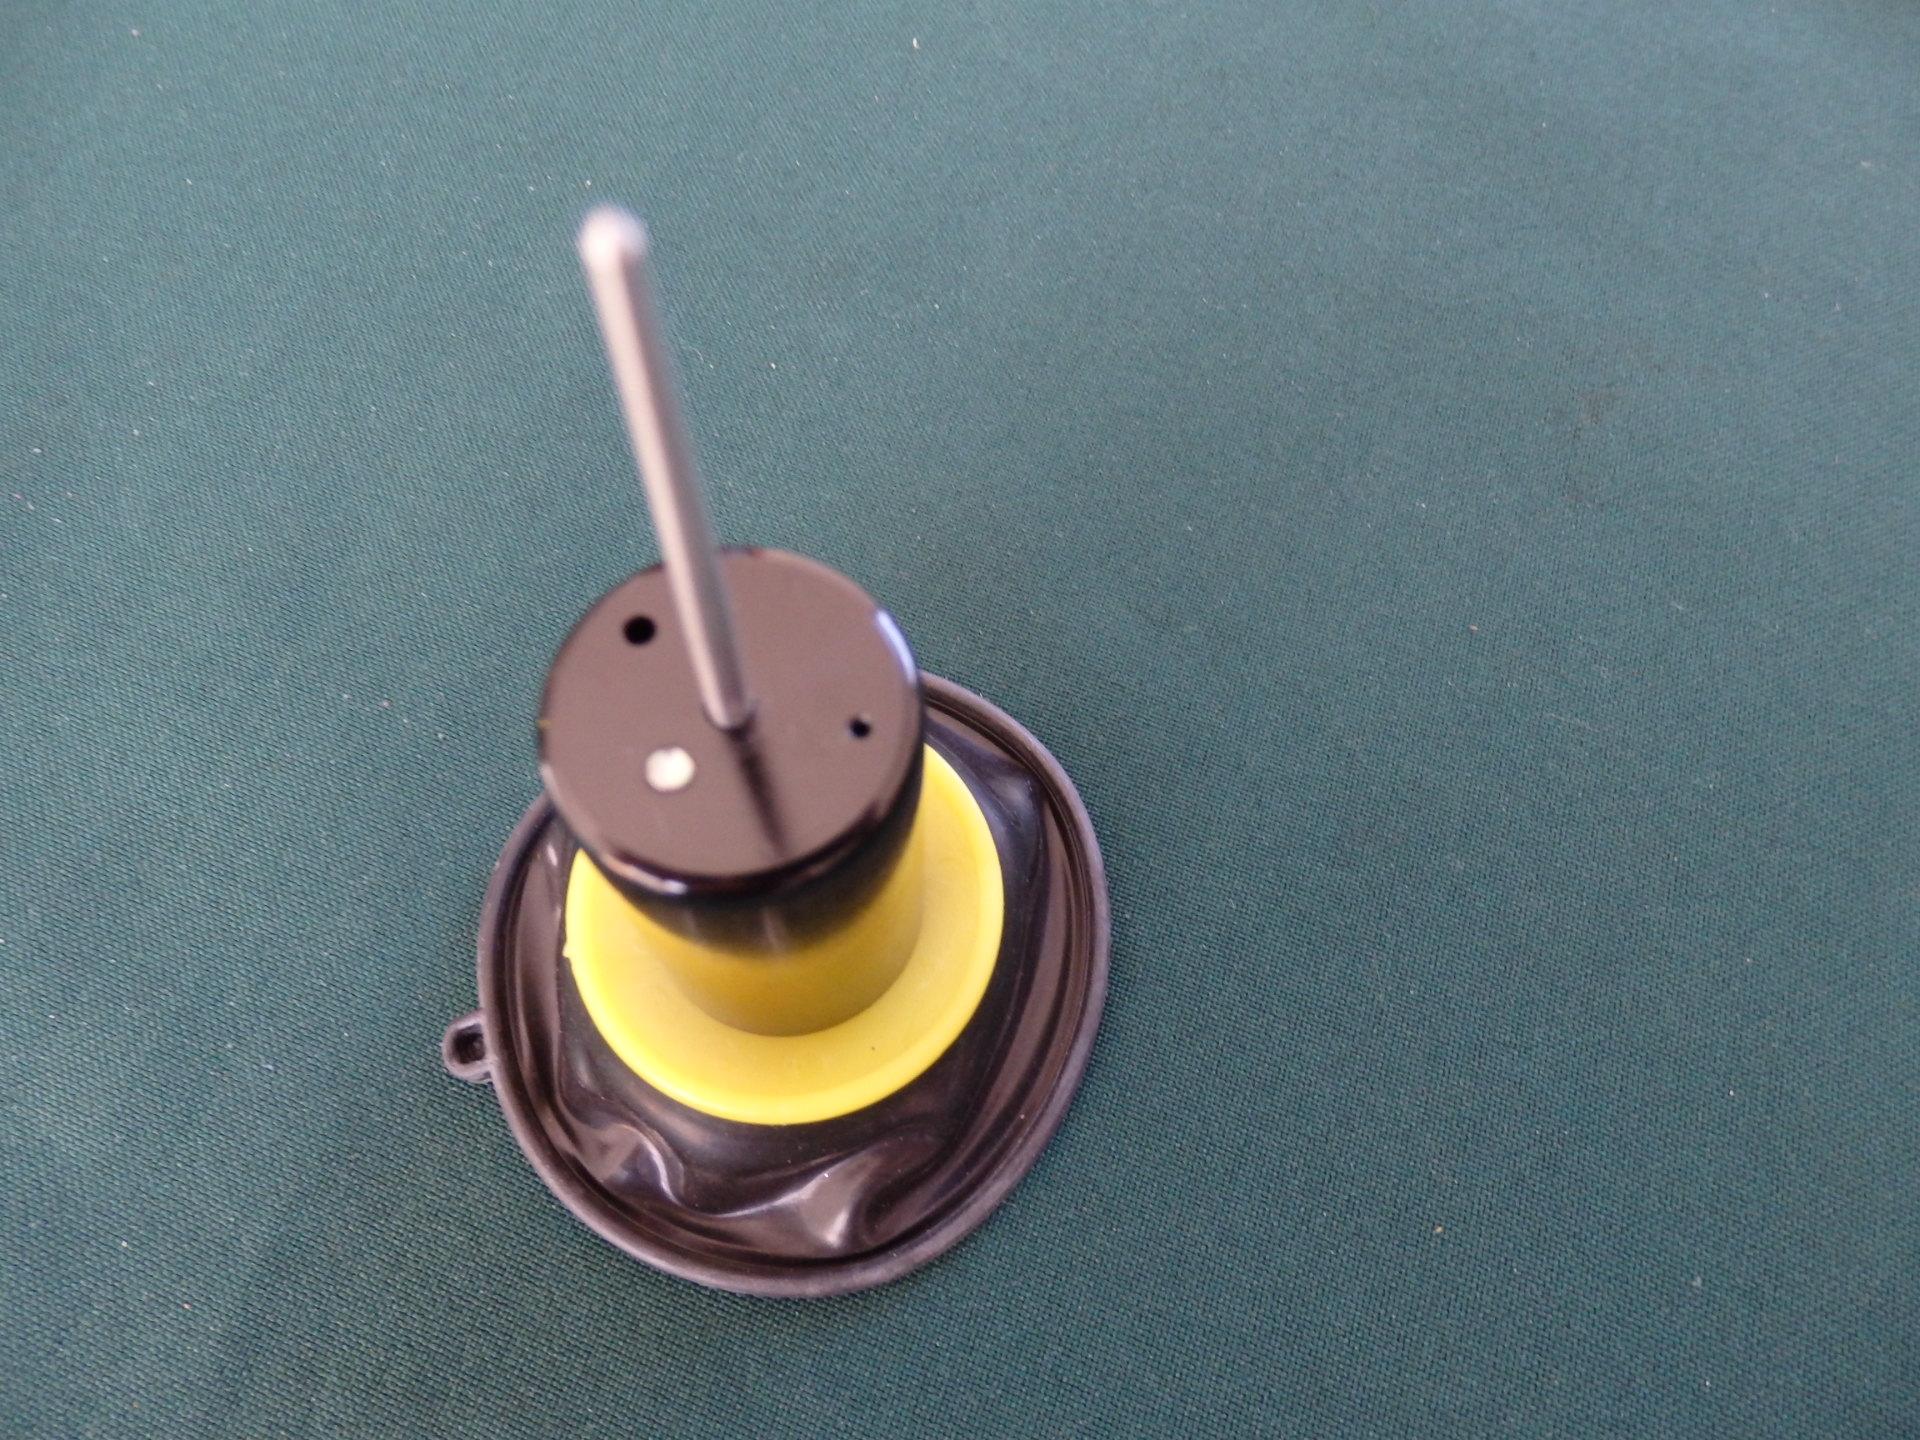 GILERA RUNNER Karburátor membran,Runner 125,180,200(Walbro karburátor) - 18300 Ft